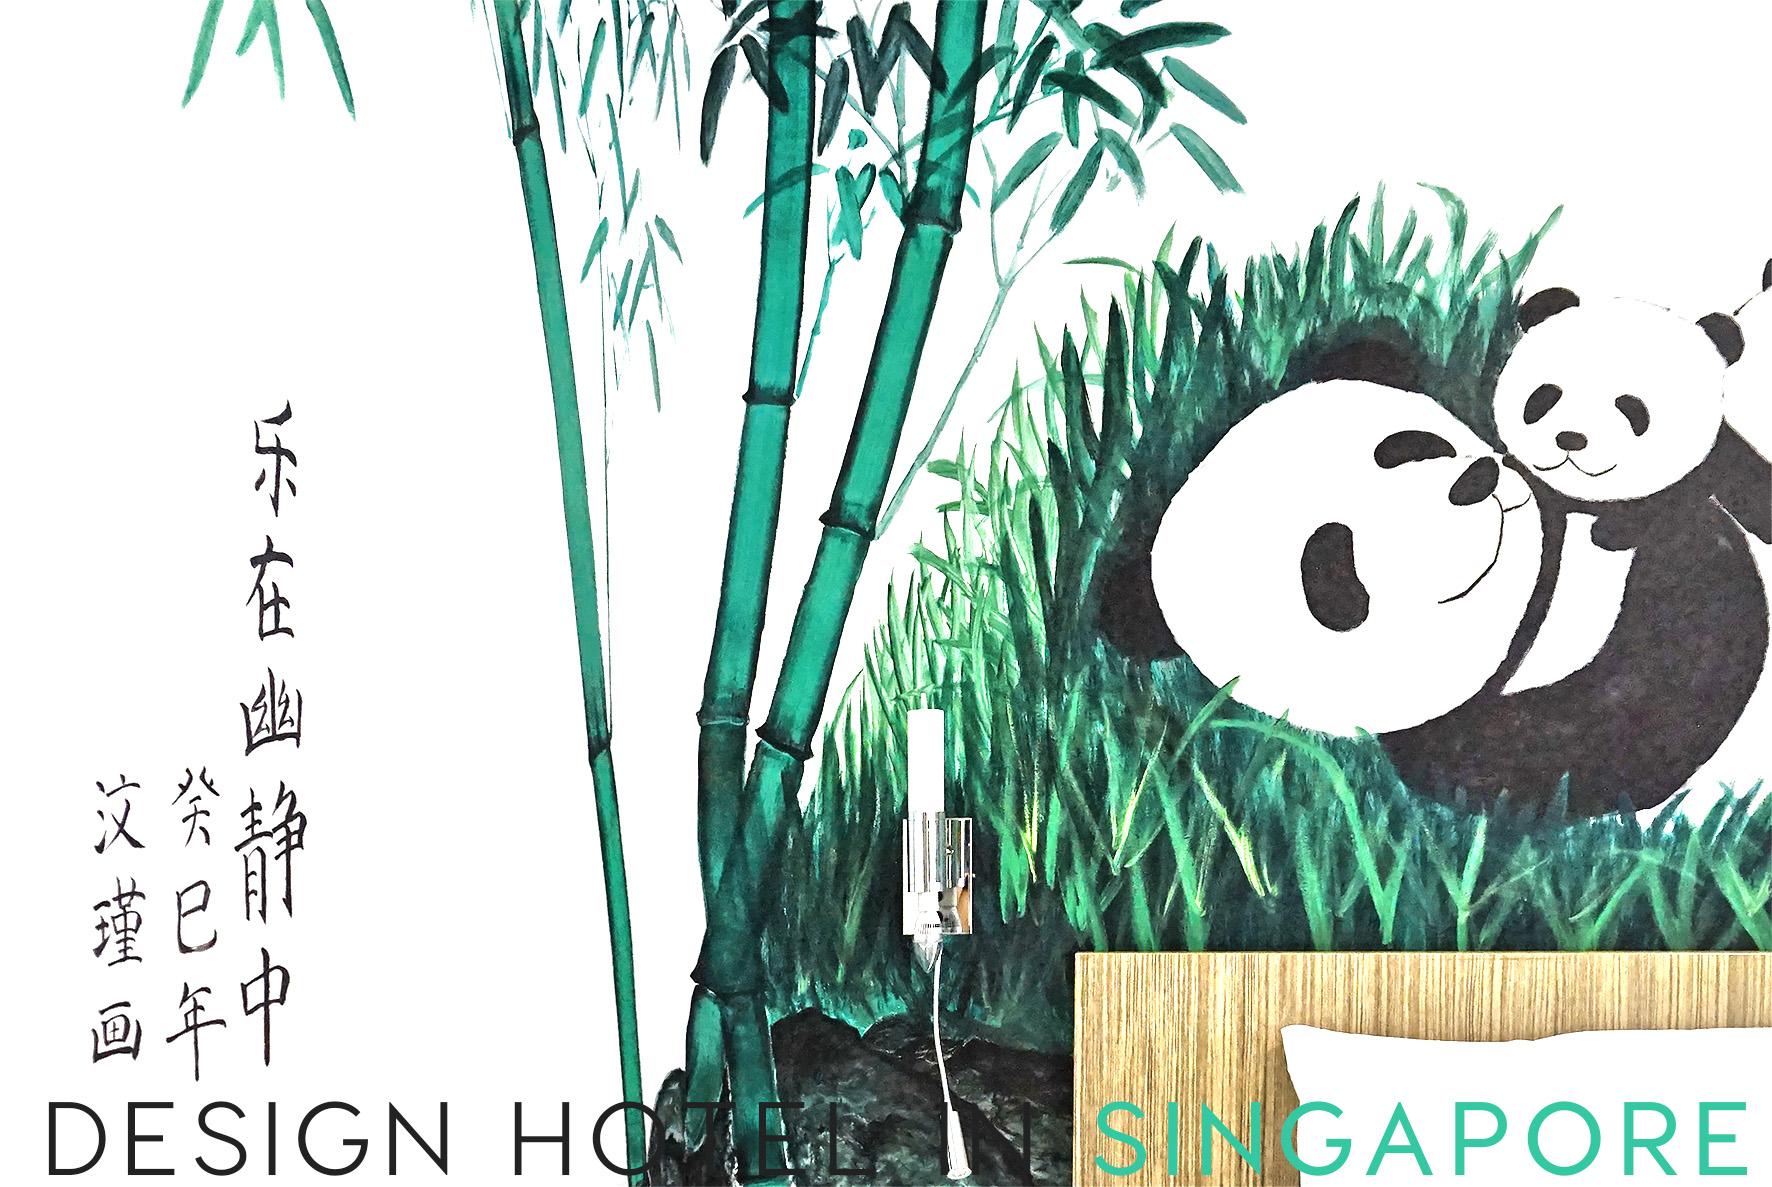 design hotel Singapore